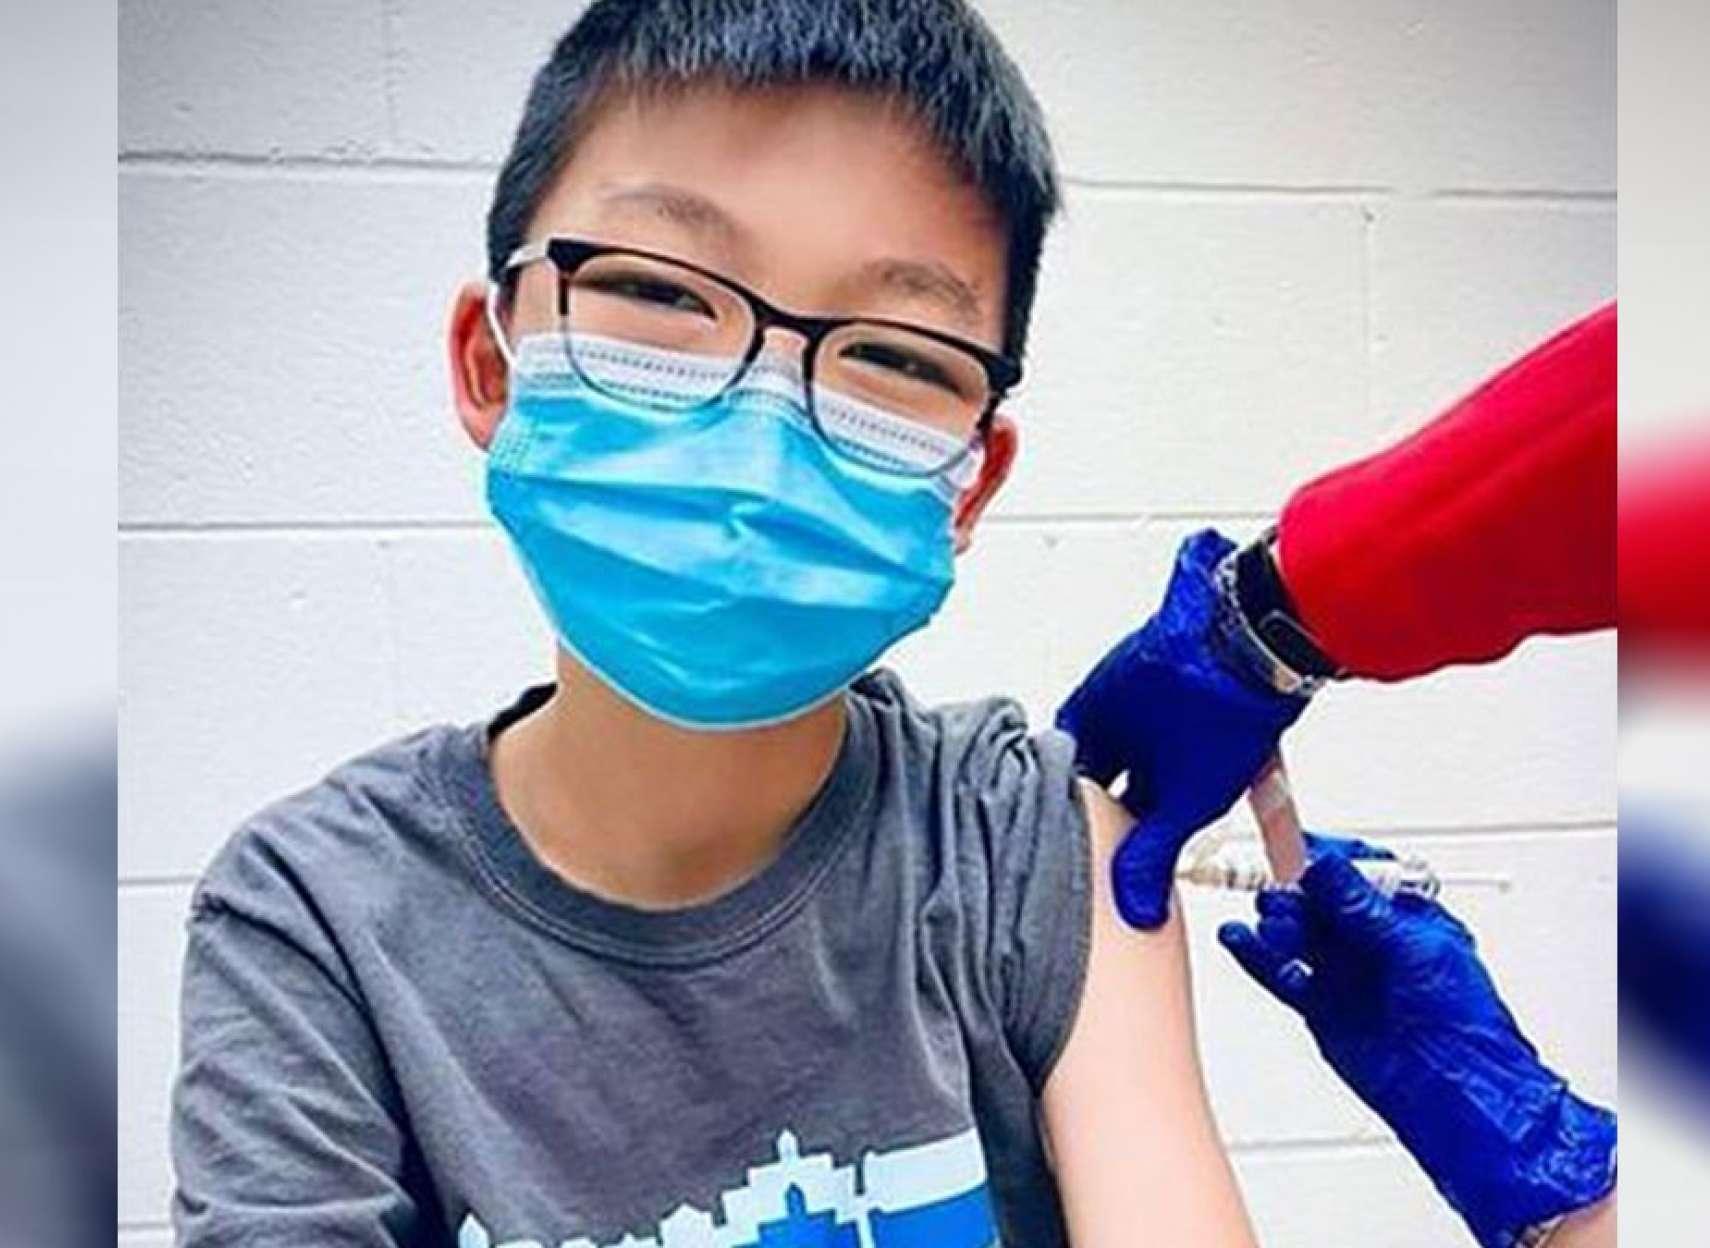 اخبار-کانادا-فایزر-اولین-واکسن-کودکان-می-شود-ماسک-اجباری-برای-مدارس-ونکوور